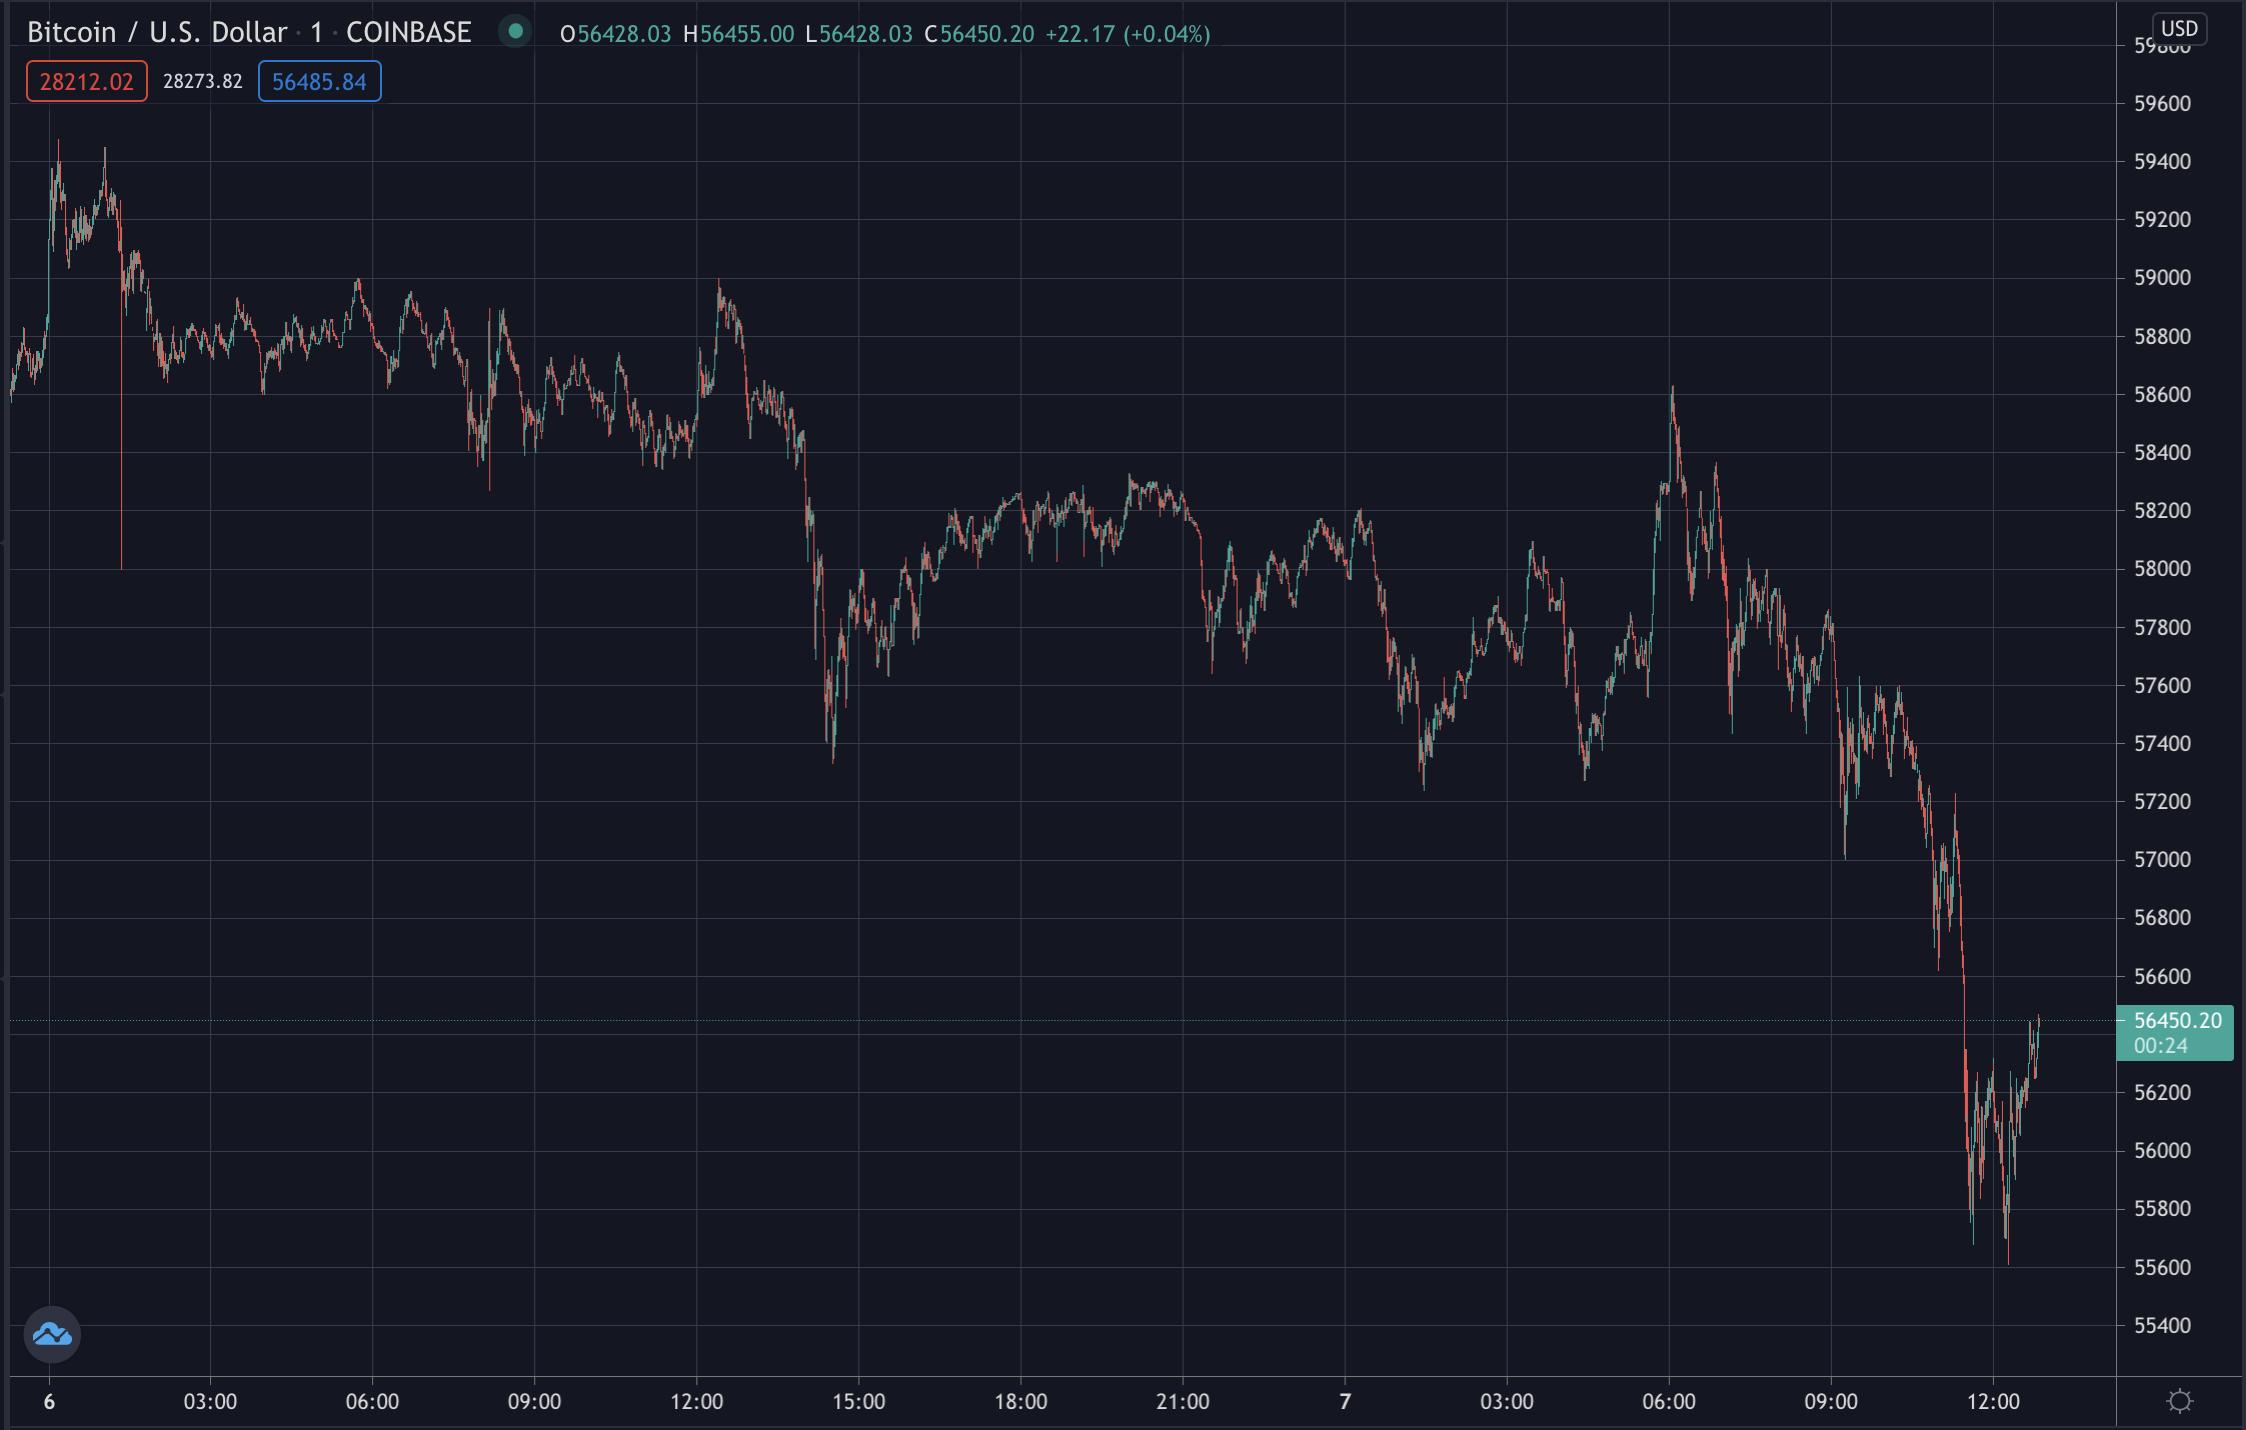 Bitcoin's price on Coinbase, April 2021